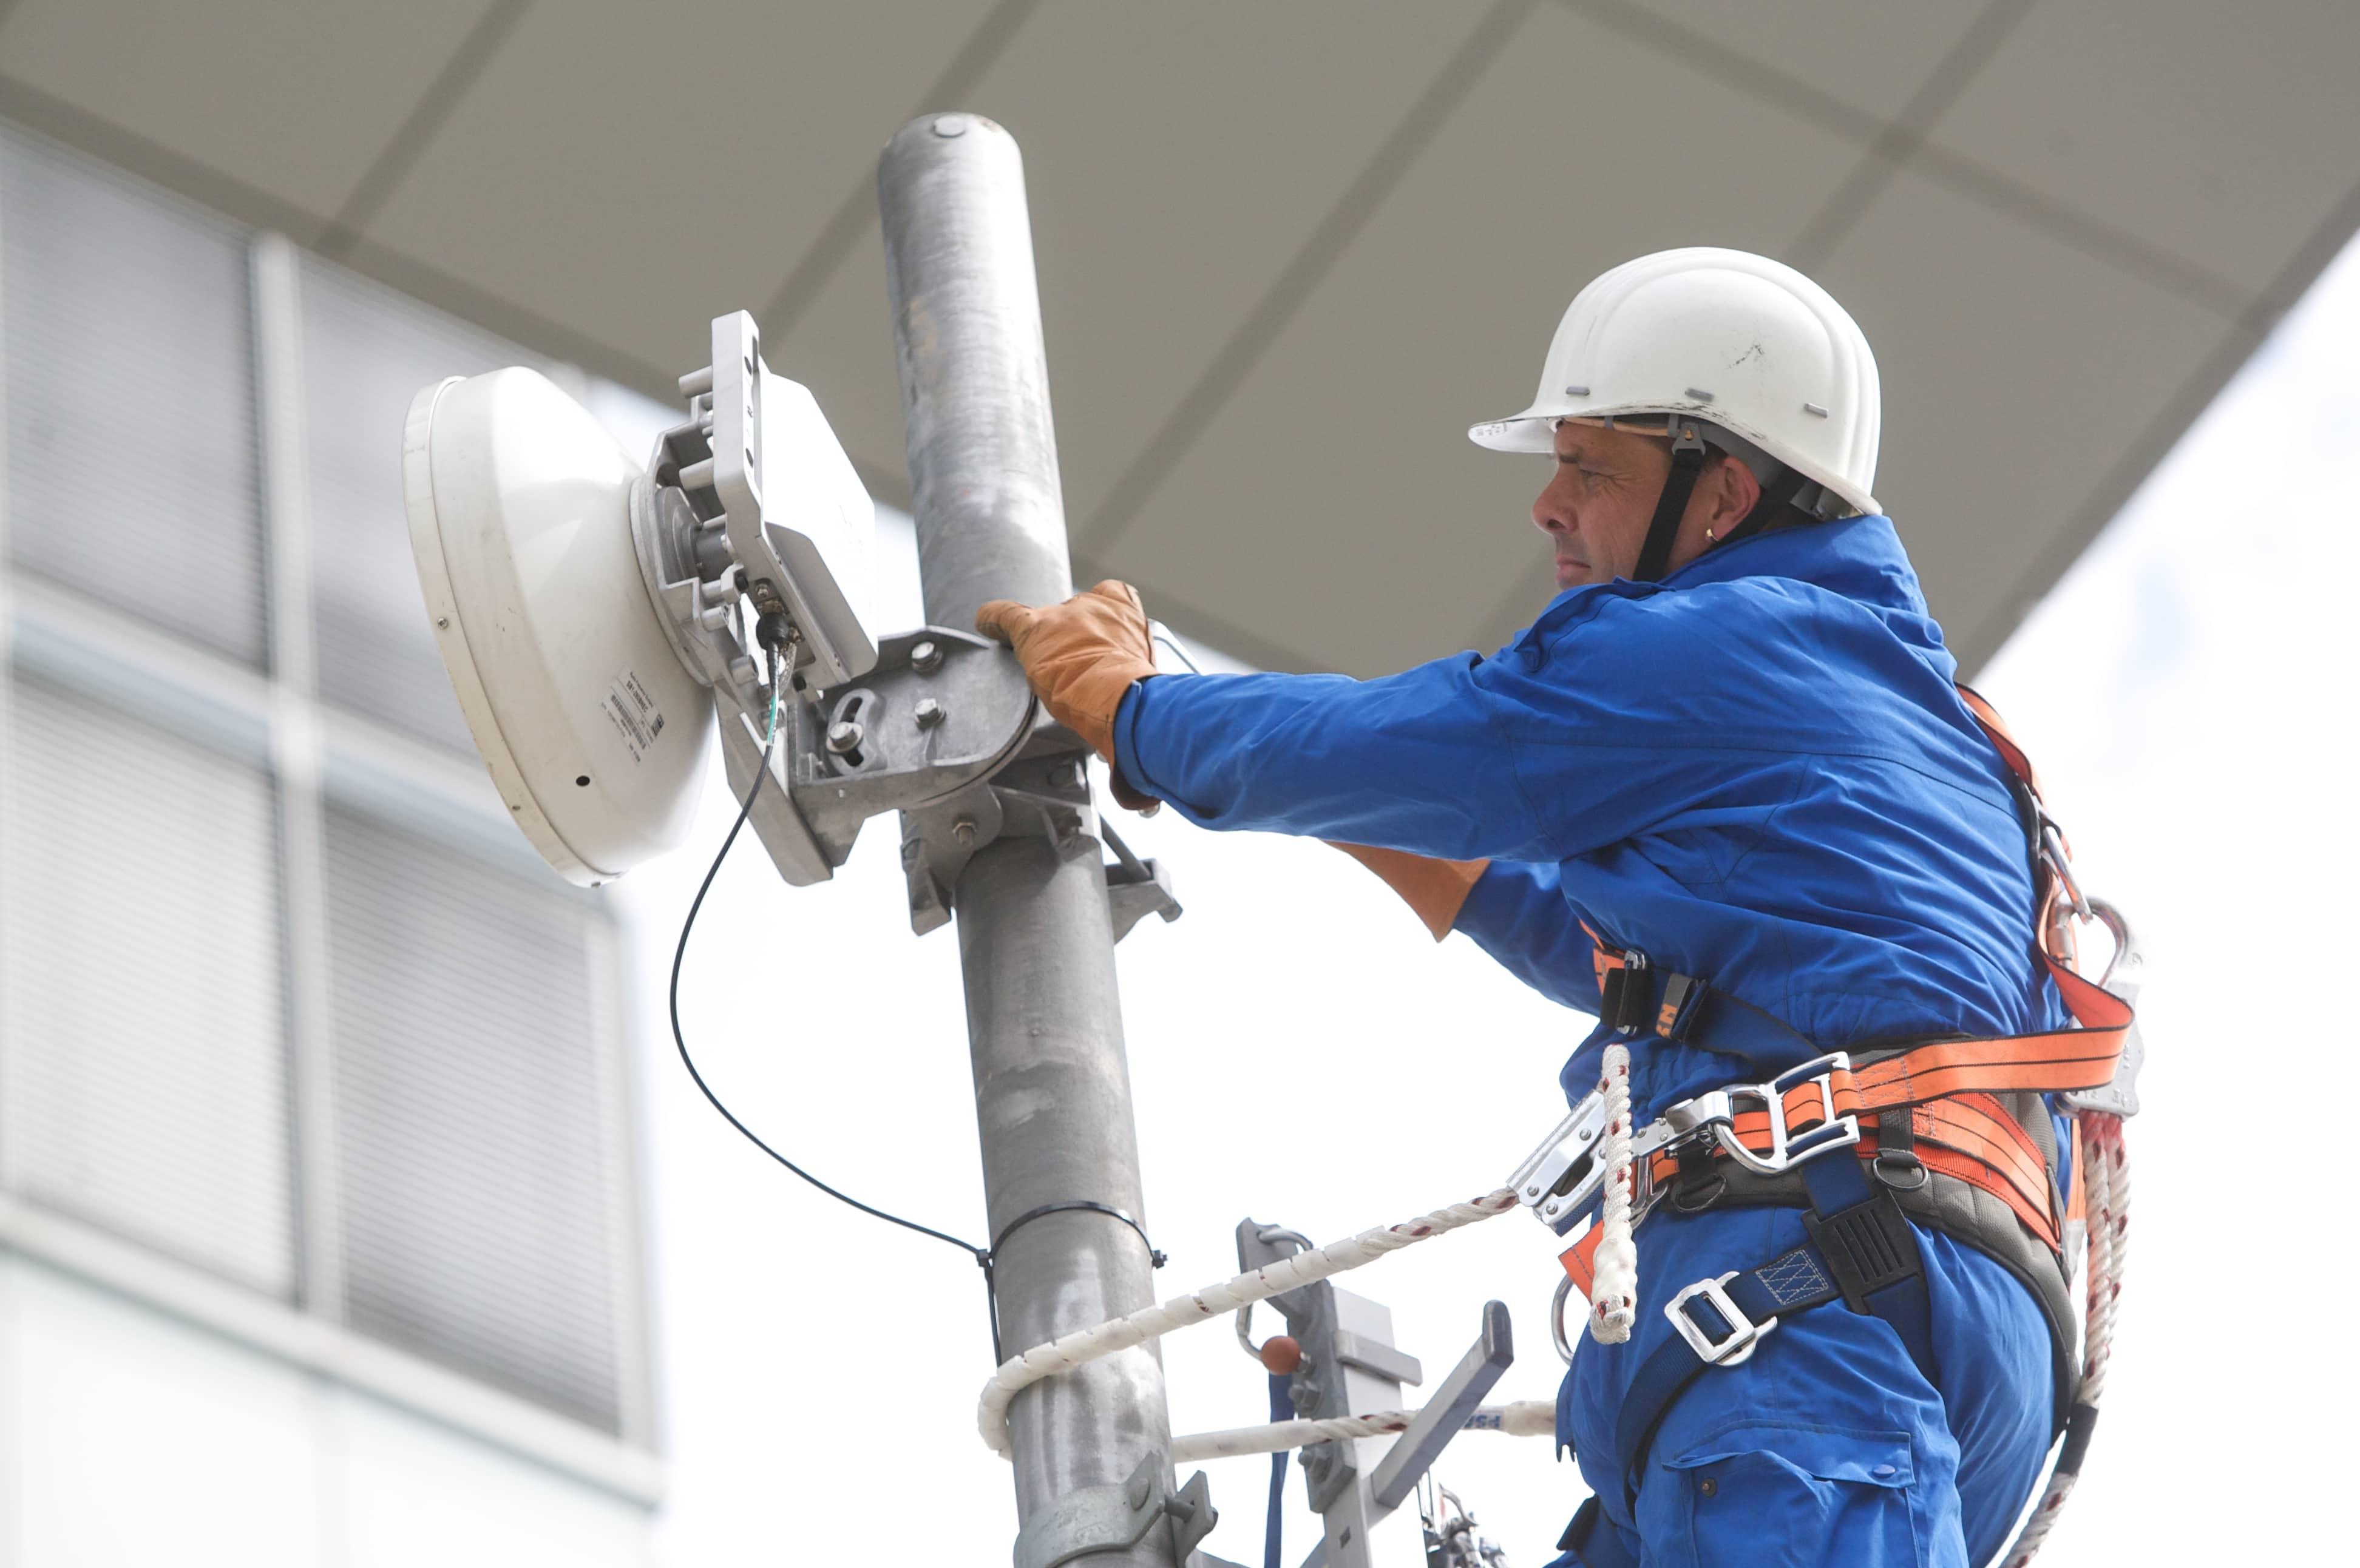 3G Abschaltung: 50 Prozent der Mobilfunkkunden bald ohne Netz? 3